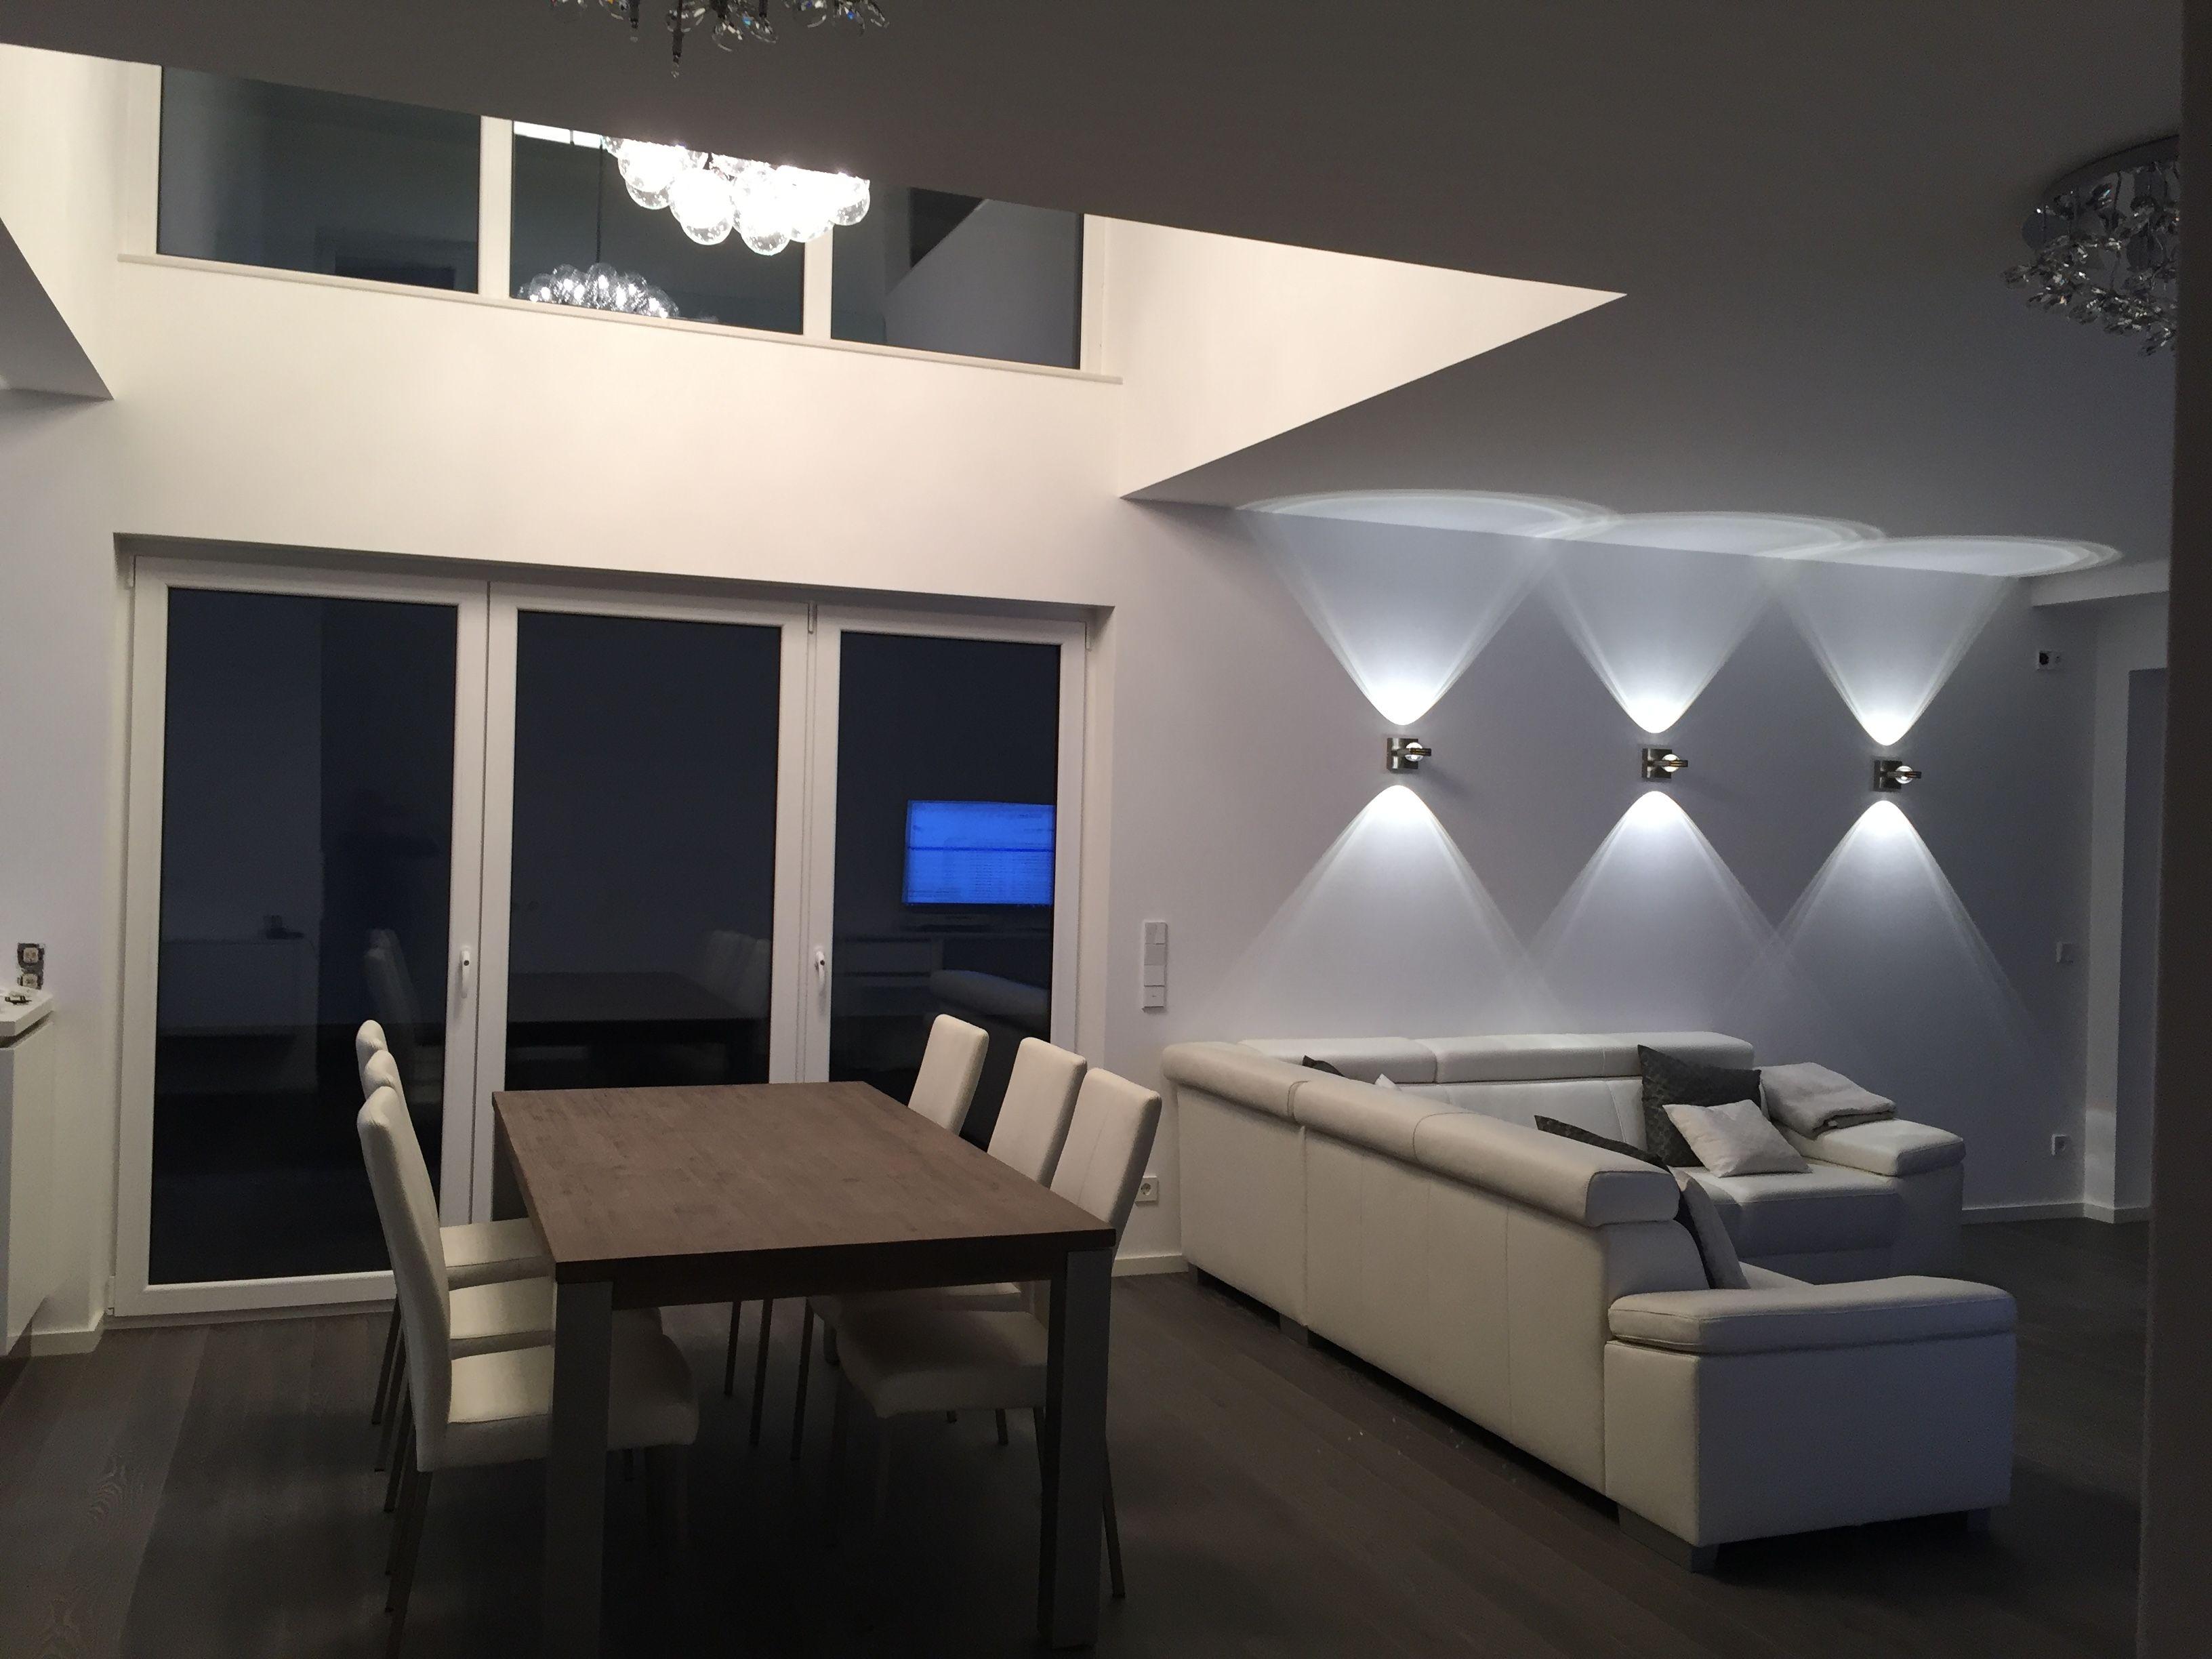 Luftraum Haus Galerie Haus Wohnzimmer Wohnung Innenarchitektur Badezimmerspiegel